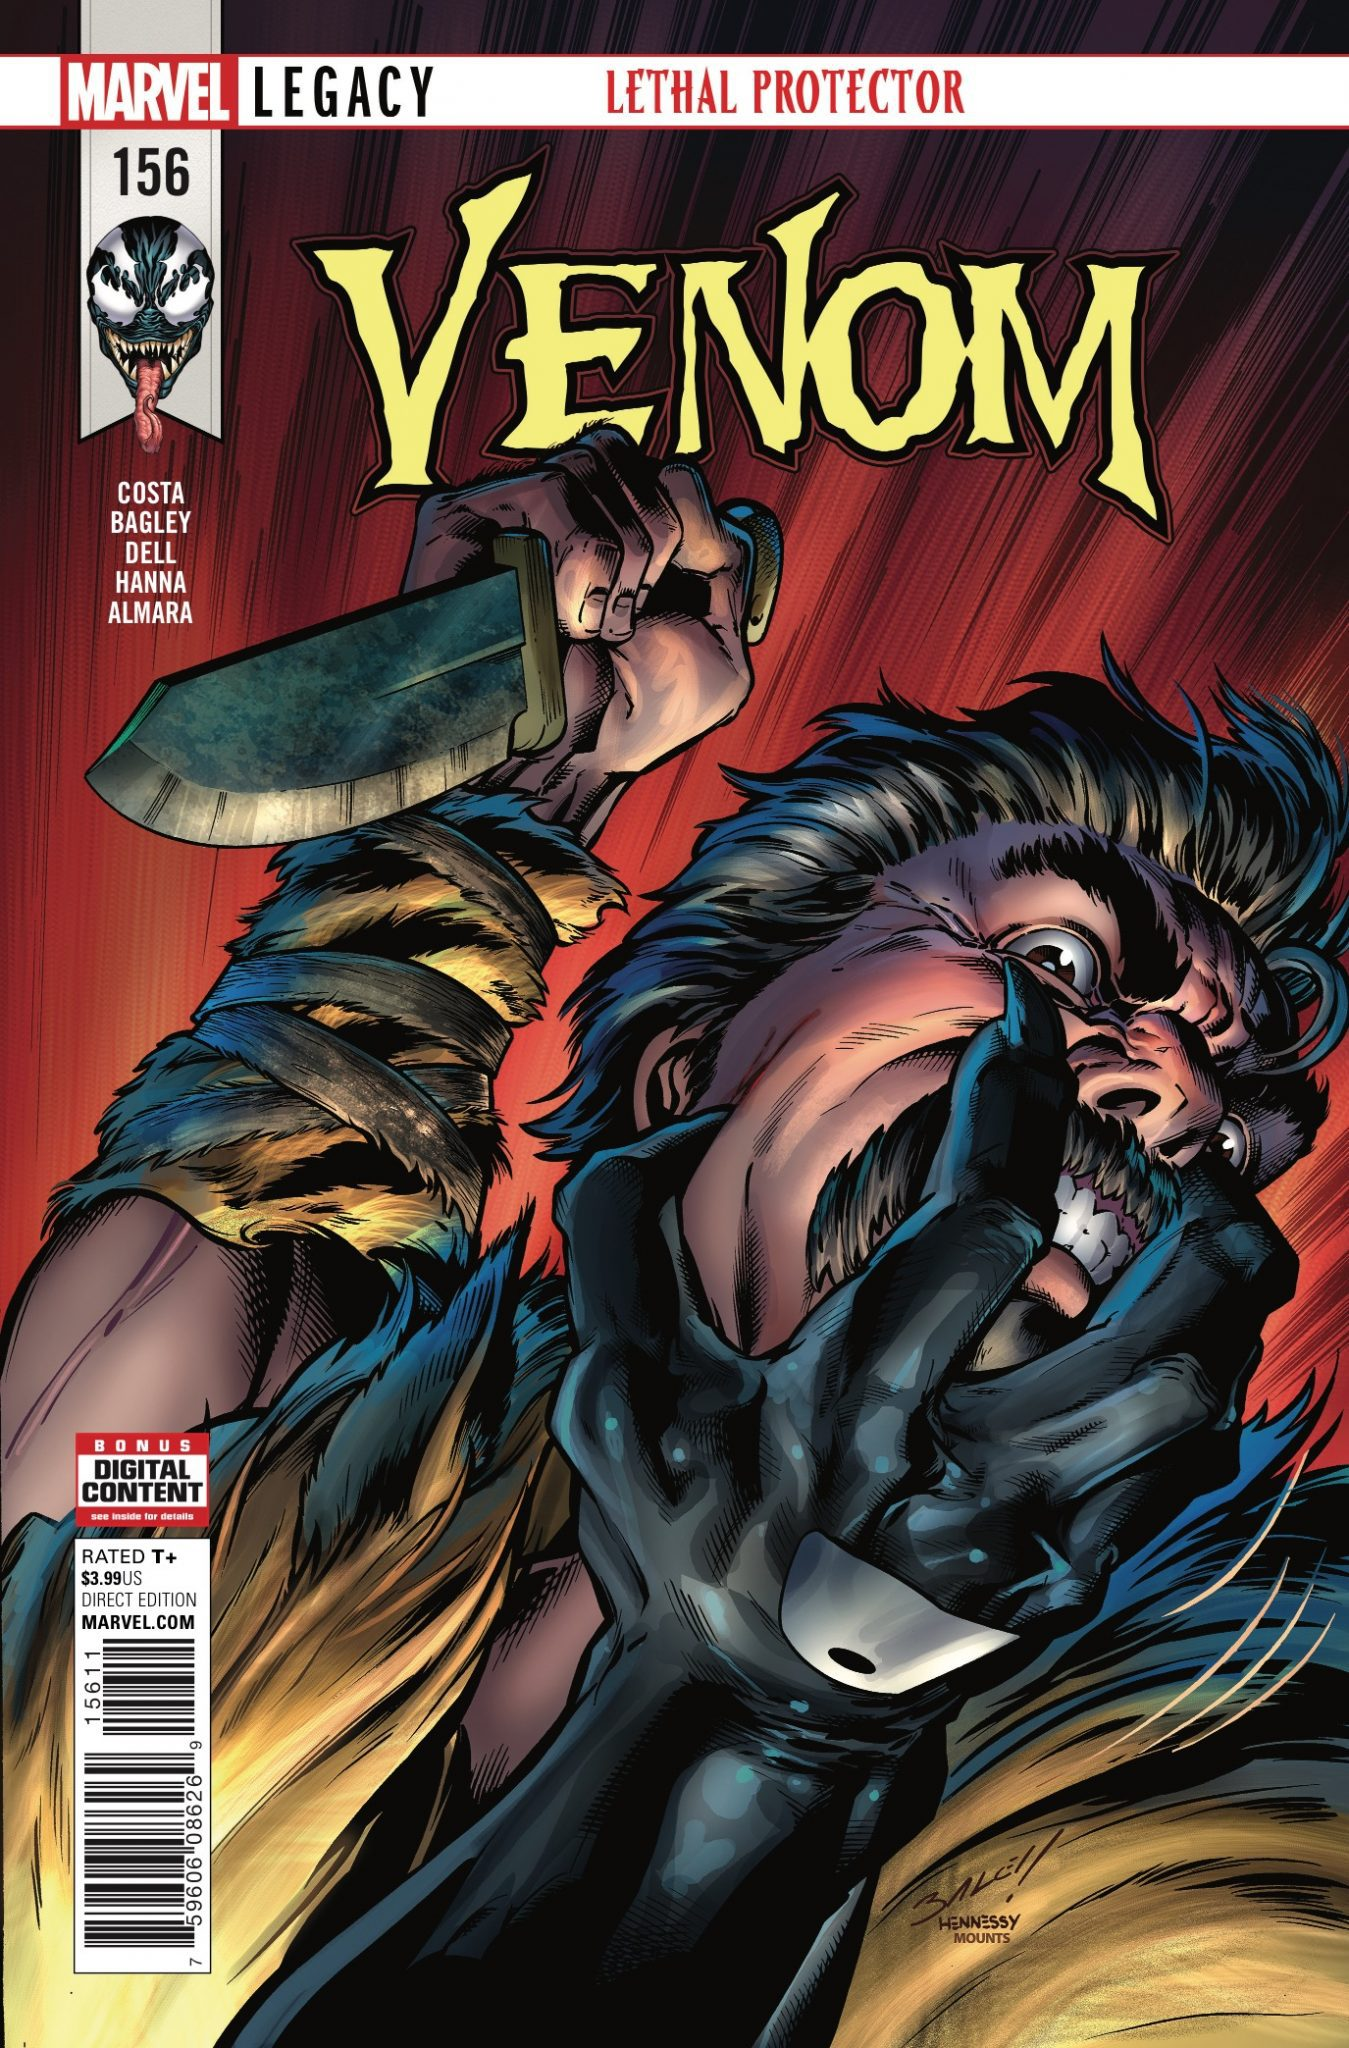 Venom #156 Review